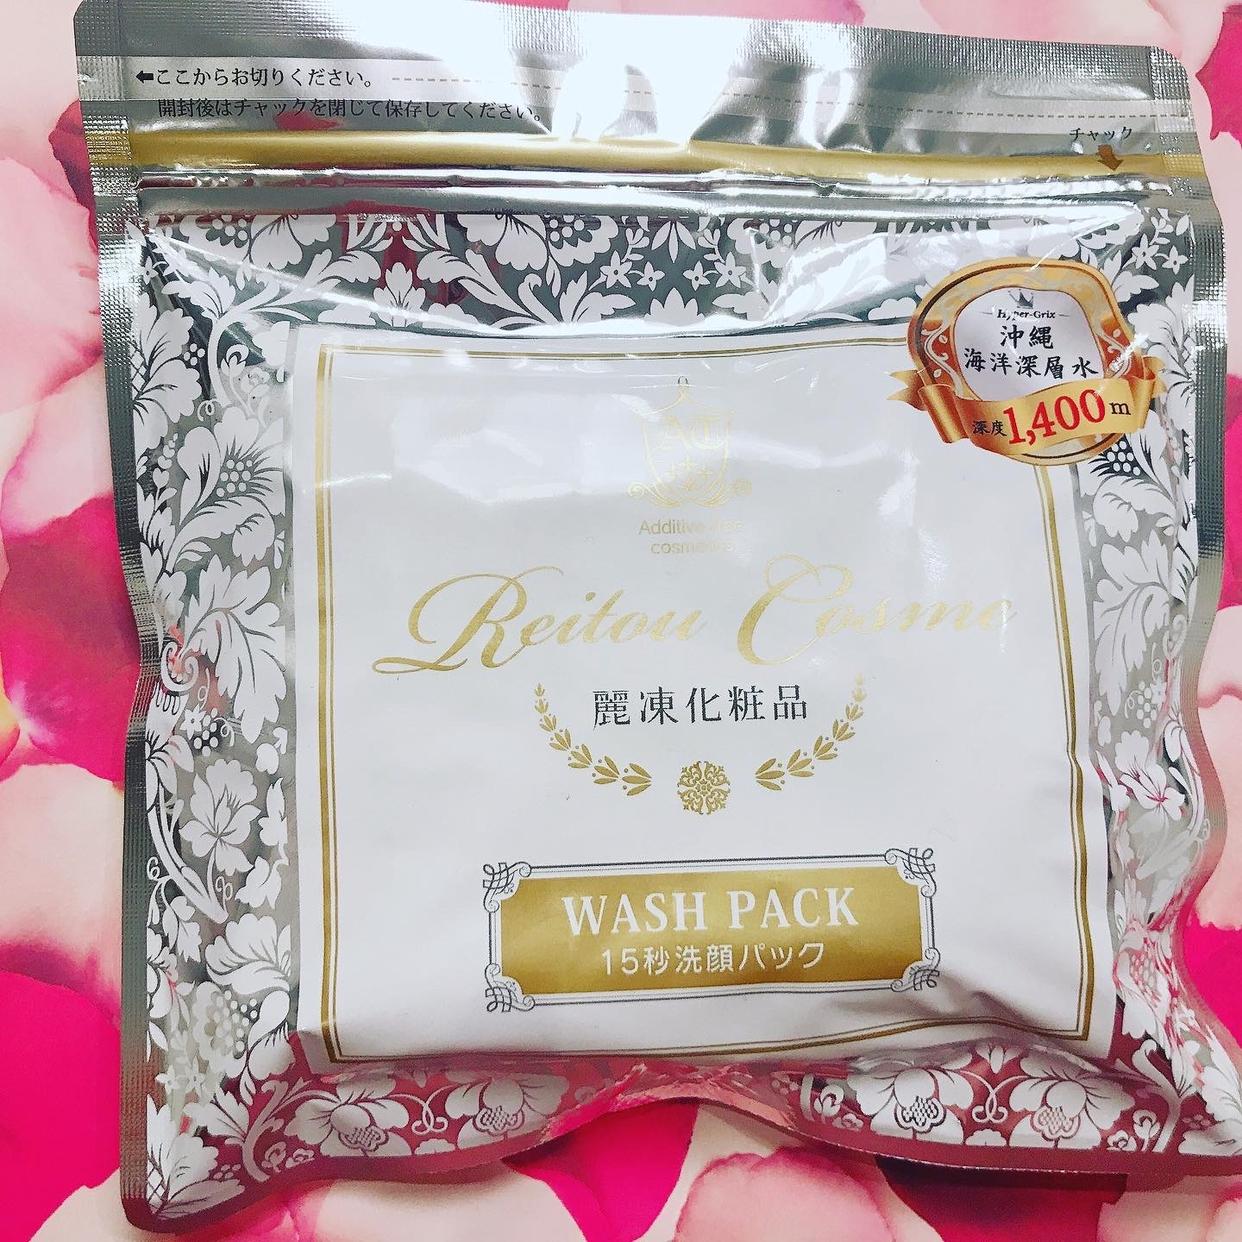 麗凍化粧品(Reitou Cosme) 15秒洗顔パックの良い点・メリットに関するゆきぴさんの口コミ画像1